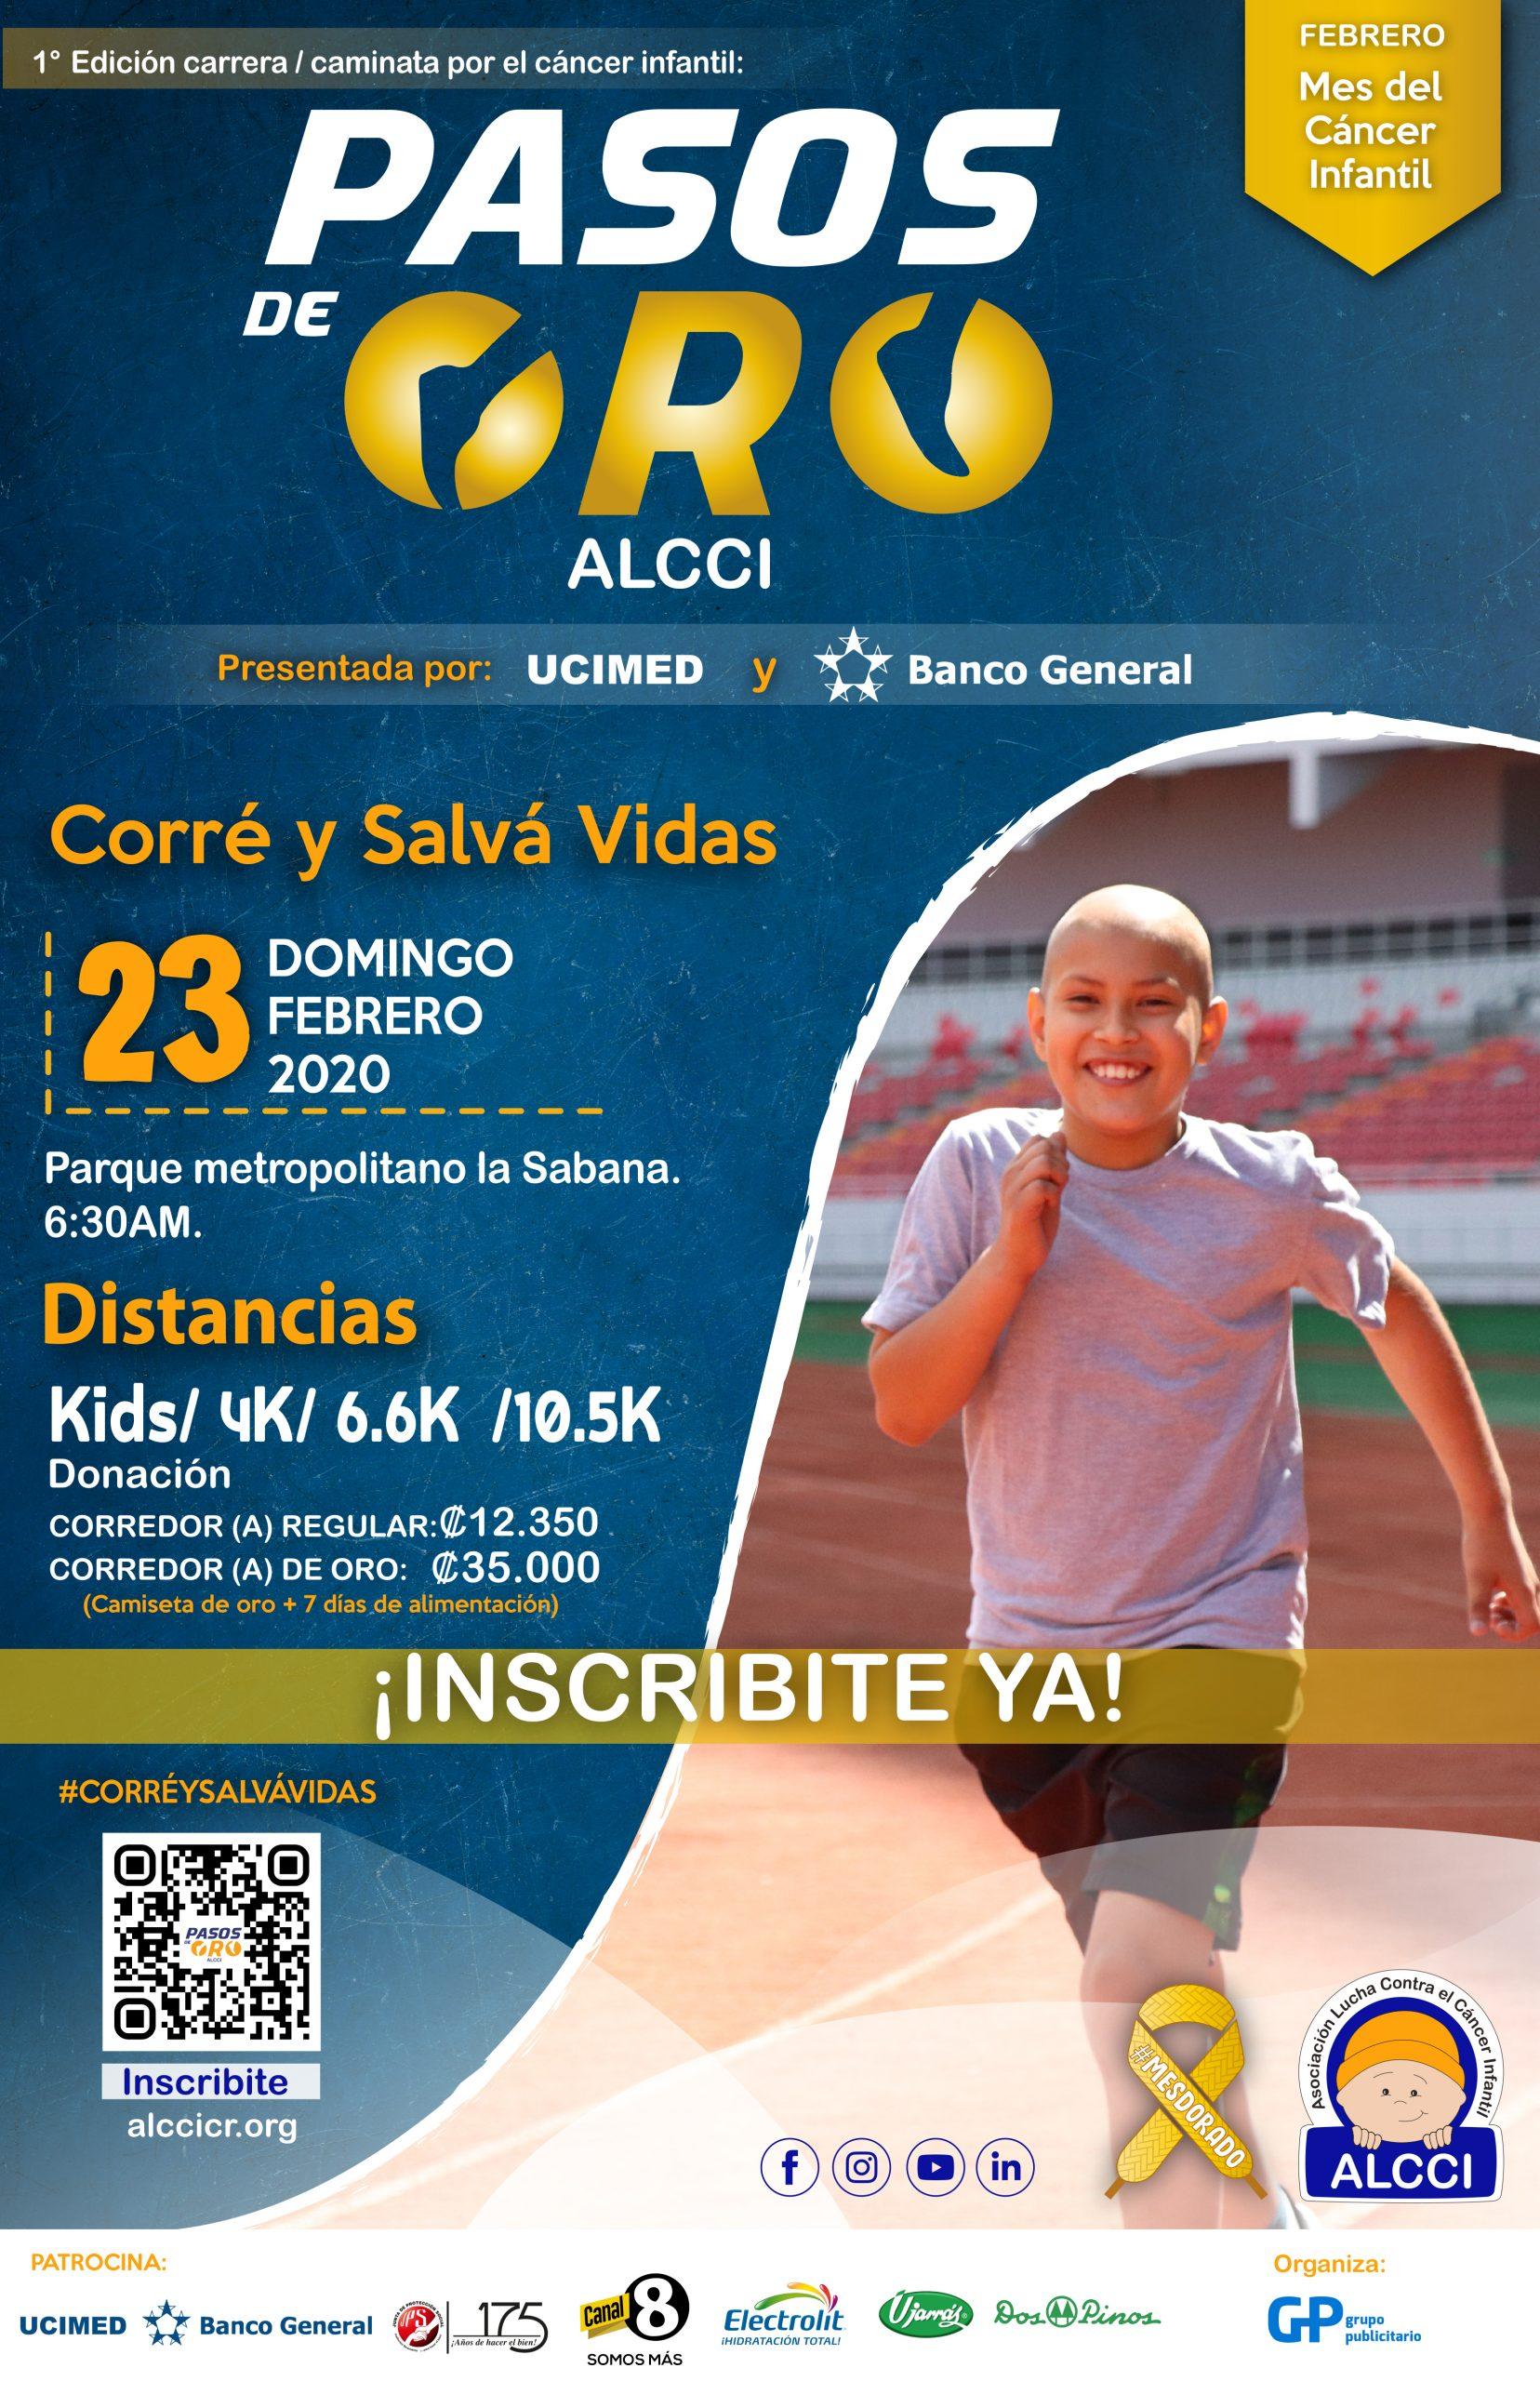 Carrera/caminata por el cáncer infantil Pasos de Oro ALCCI